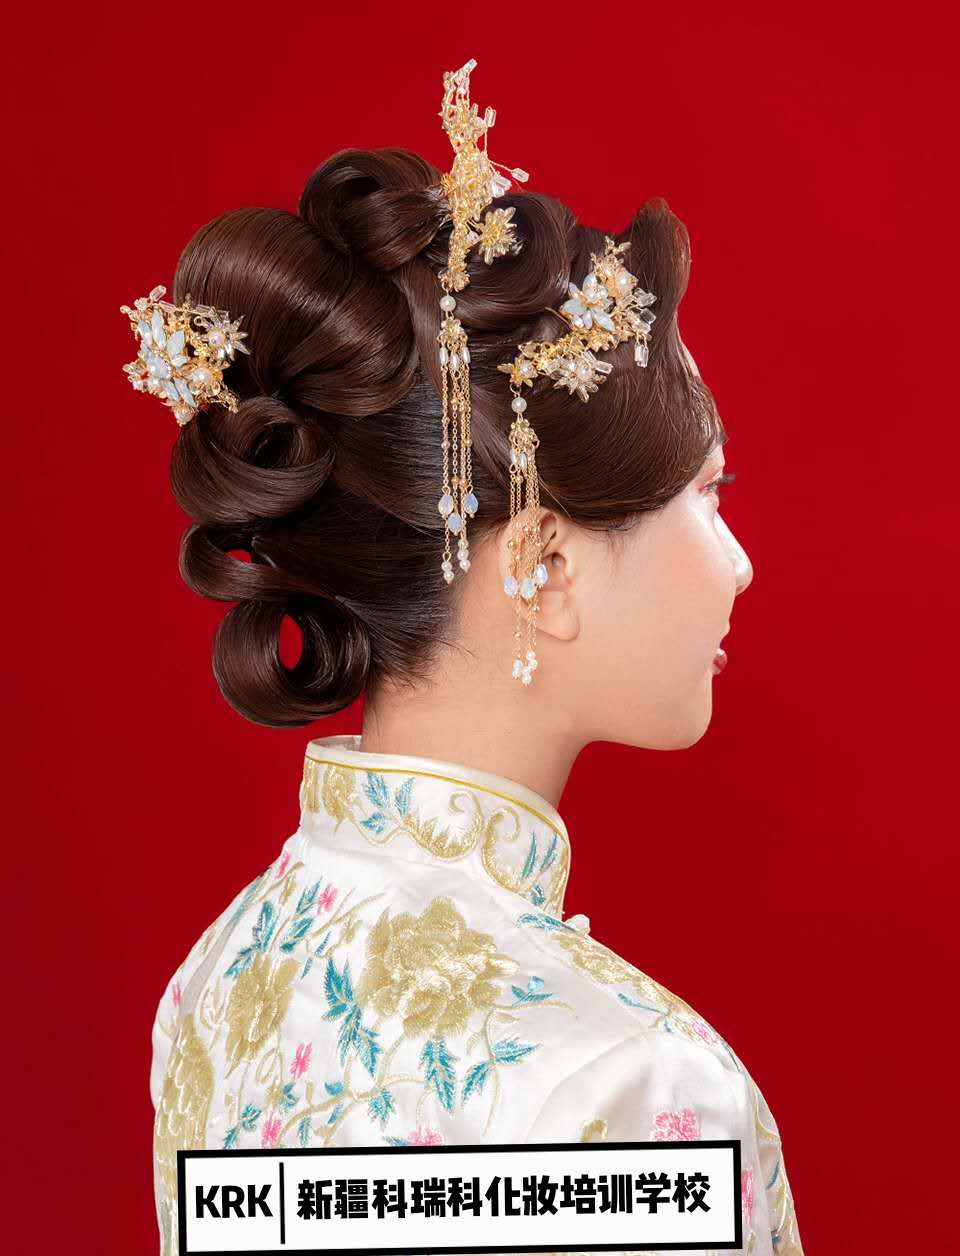 库尔勒化妆培训有哪些 优质推荐 新疆科瑞科文化传媒亚博娱乐是正规的吗--任意三数字加yabo.com直达官网